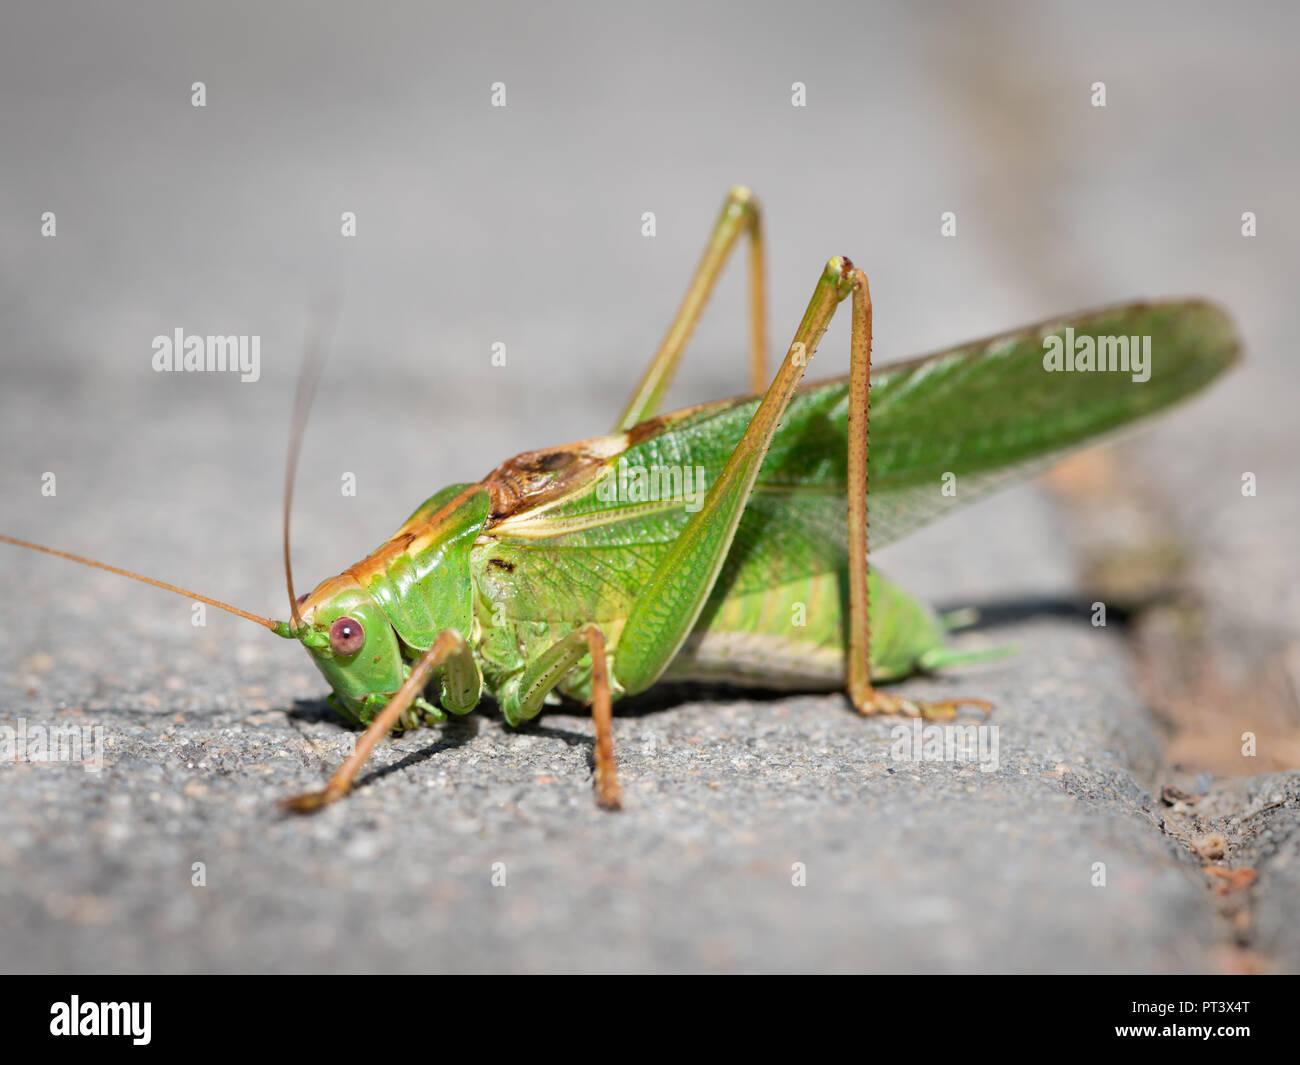 Porträt eines großen Green Bush - Kricket (Tettigonia Viridissima) sitzt auf dem Bürgersteig Stockbild